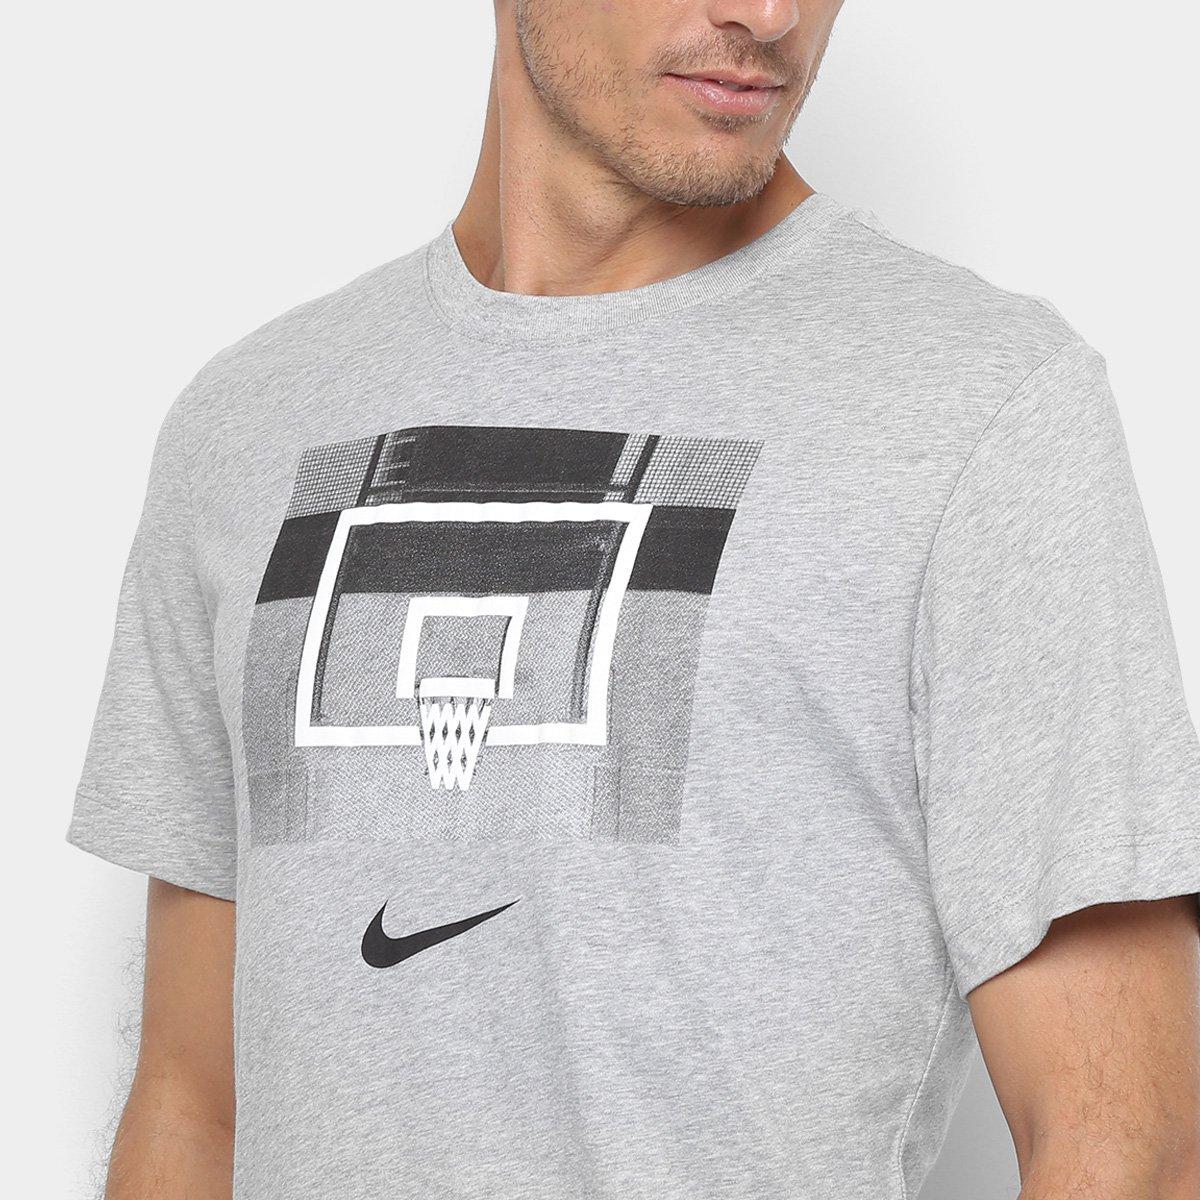 3c9770f2e8 Camiseta Nike Dri-Fit Backboard Masculina - Tam: M - Shopping TudoAzul